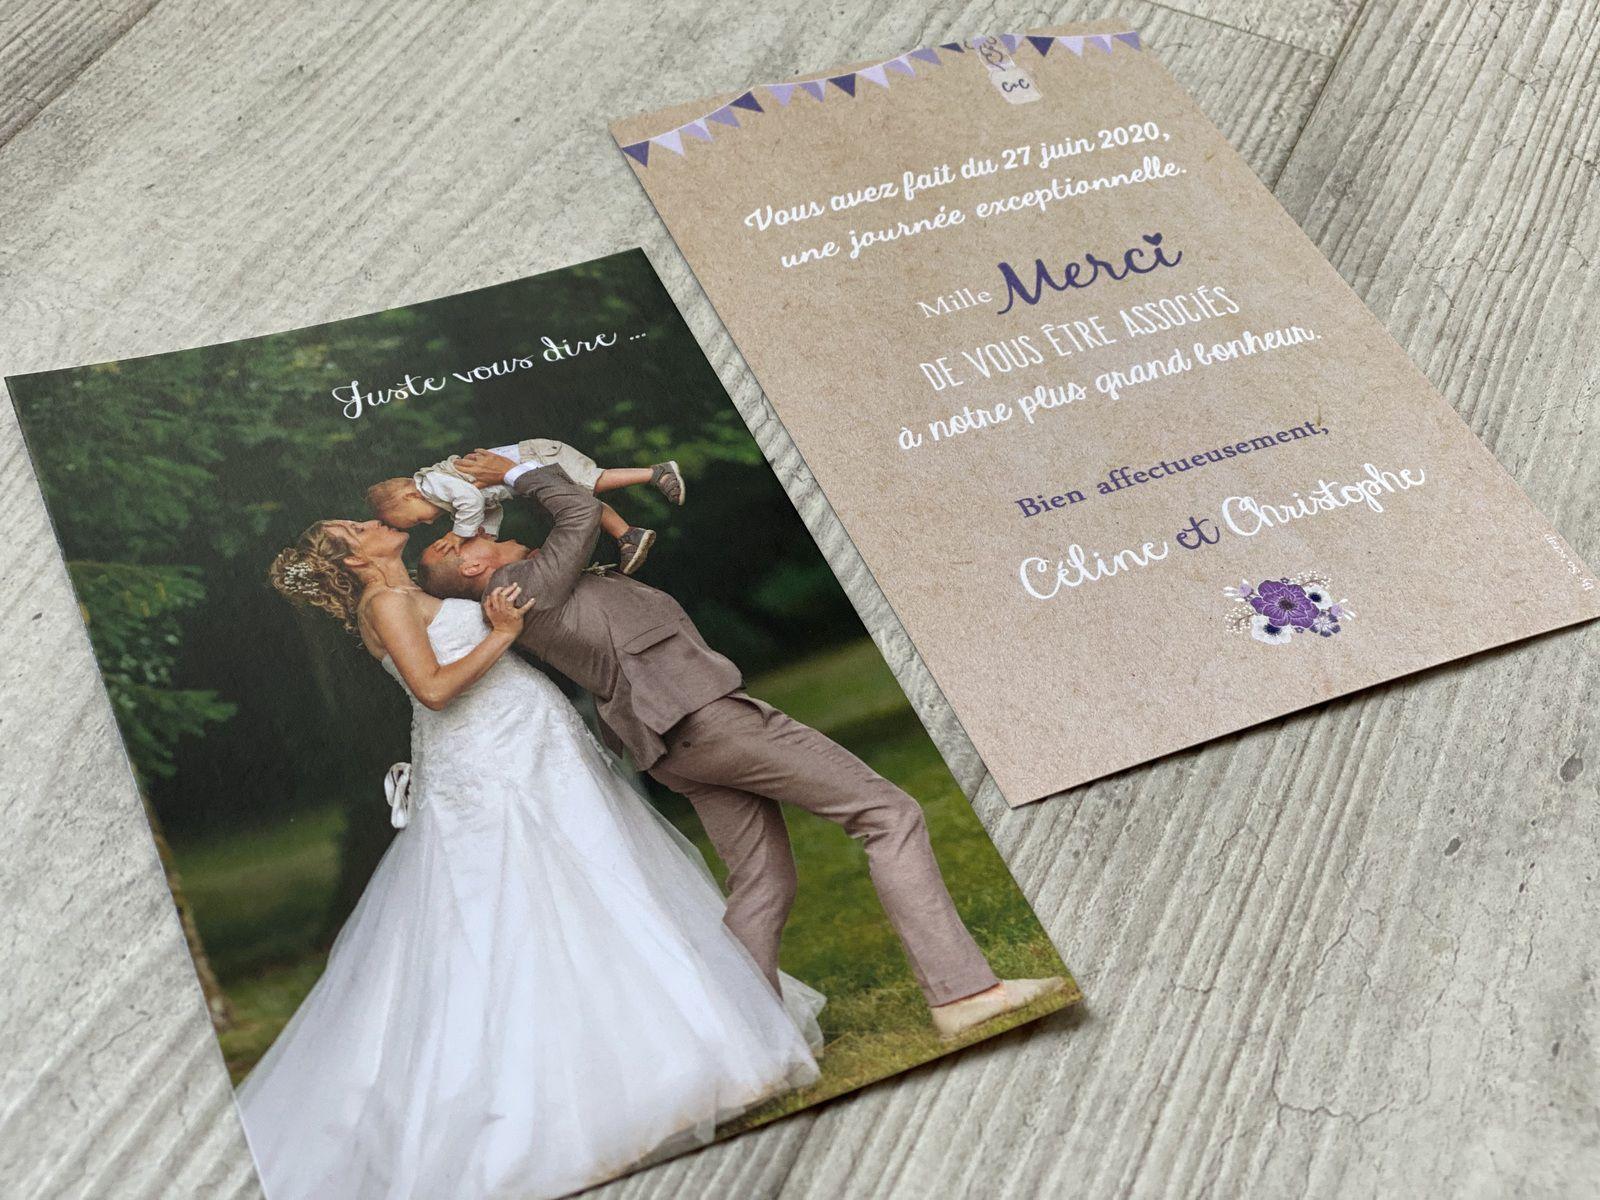 papeterie carte remerciement mariage, recto verso 10x15cm, thème champêtre chic, nature, fanions, lampions, dentelle texte et couleur à personnaliser camaïeu de mauve violet #efdcbysoscrap